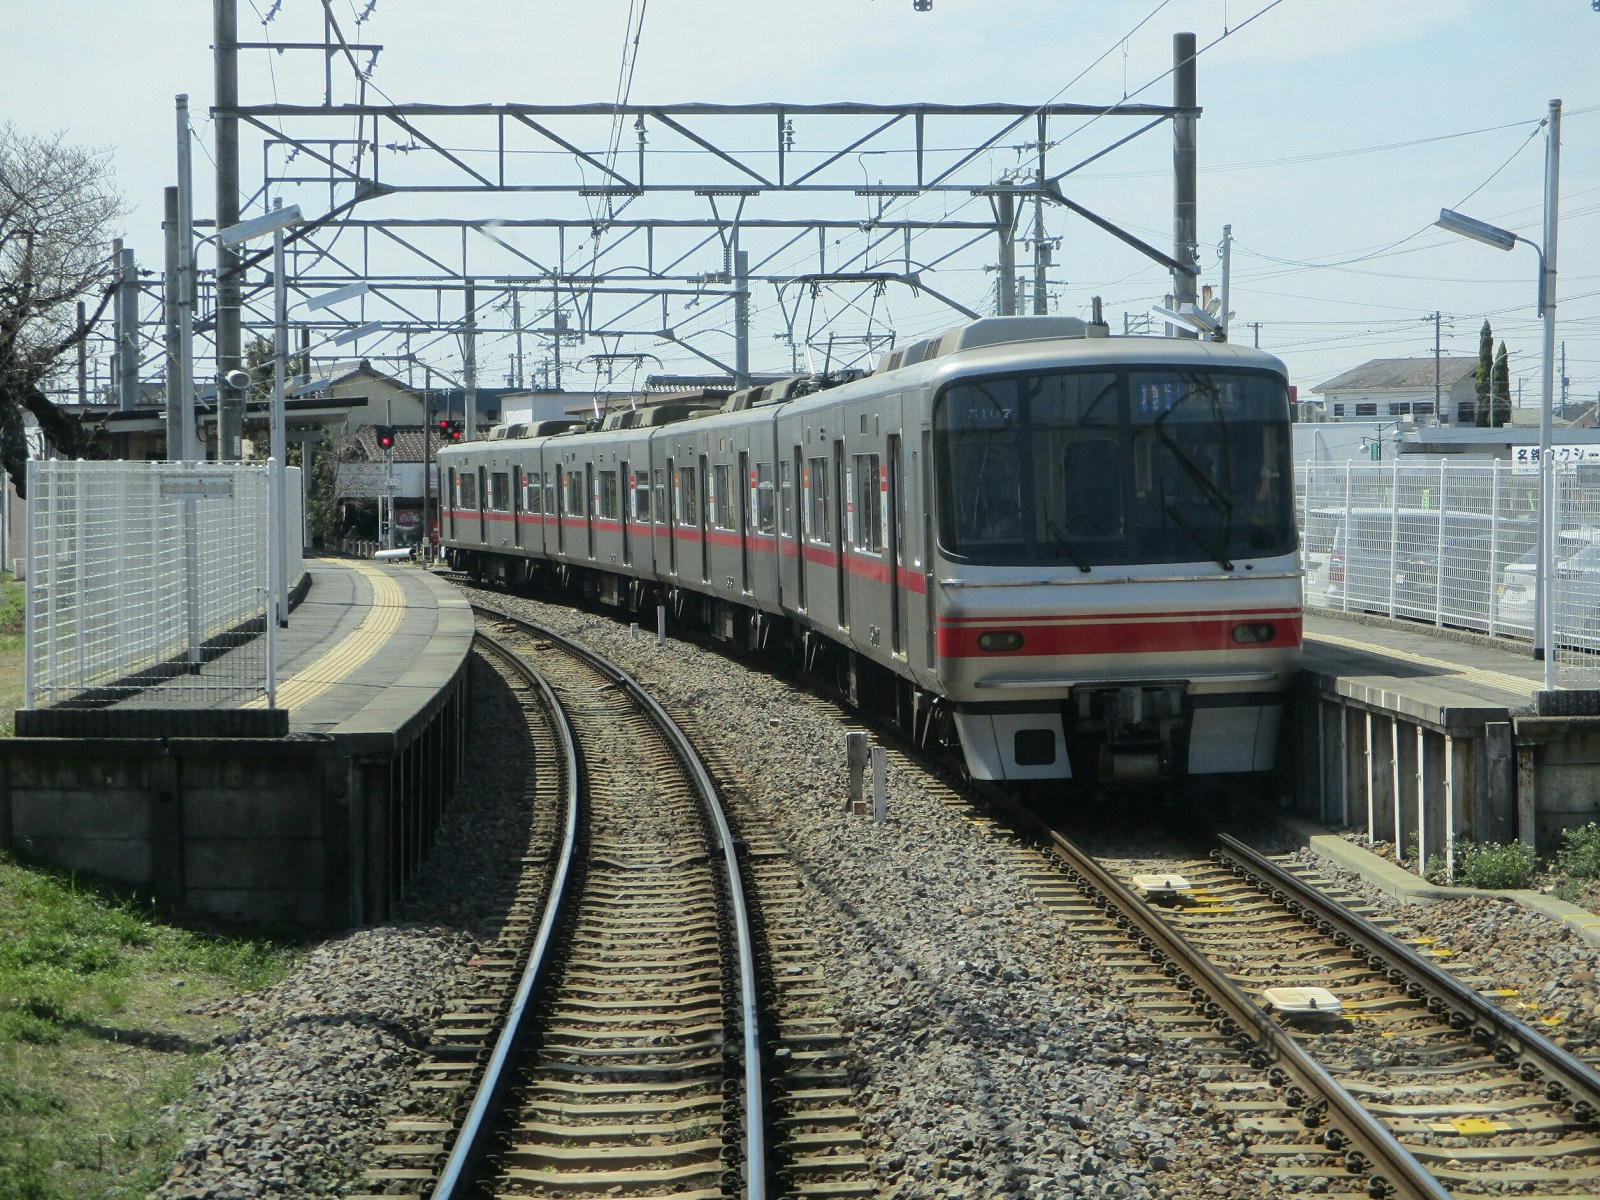 2019.3.26 (7) 吉良吉田いき急行 - 米津(弥富いき急行) 1600-1200